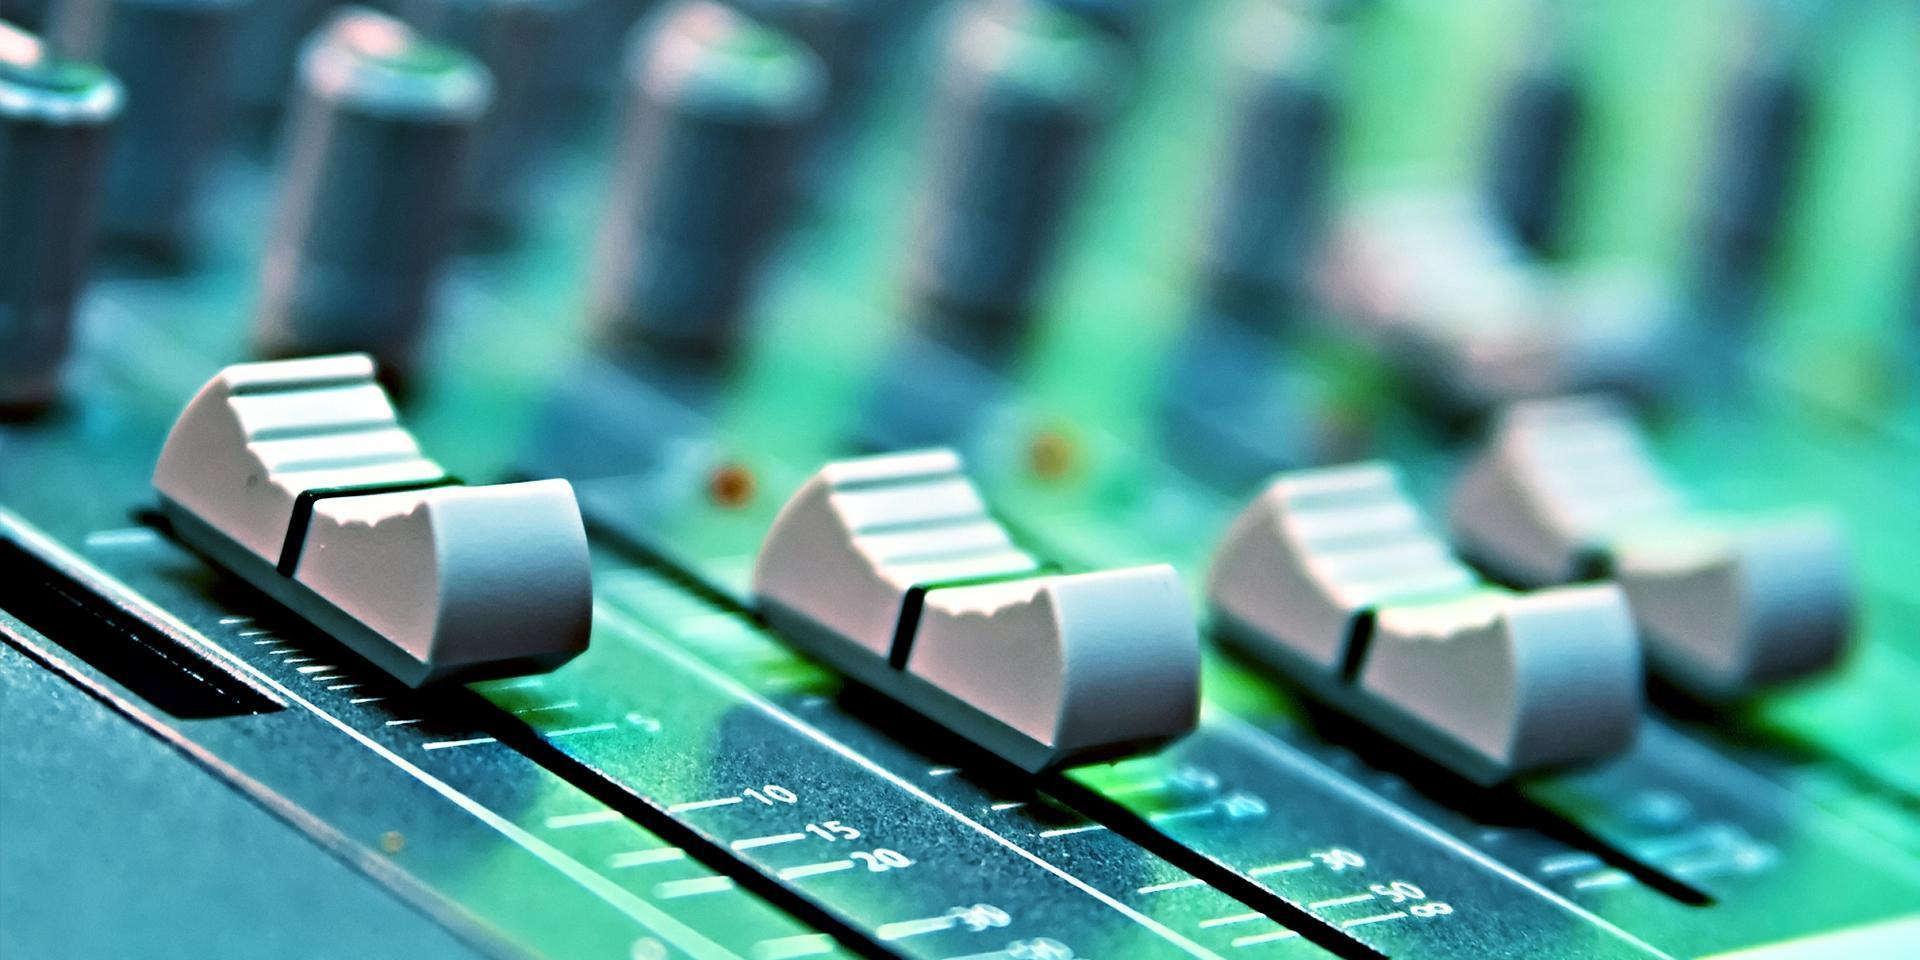 La formation audiovisuel pour un meilleur choix d'avenir